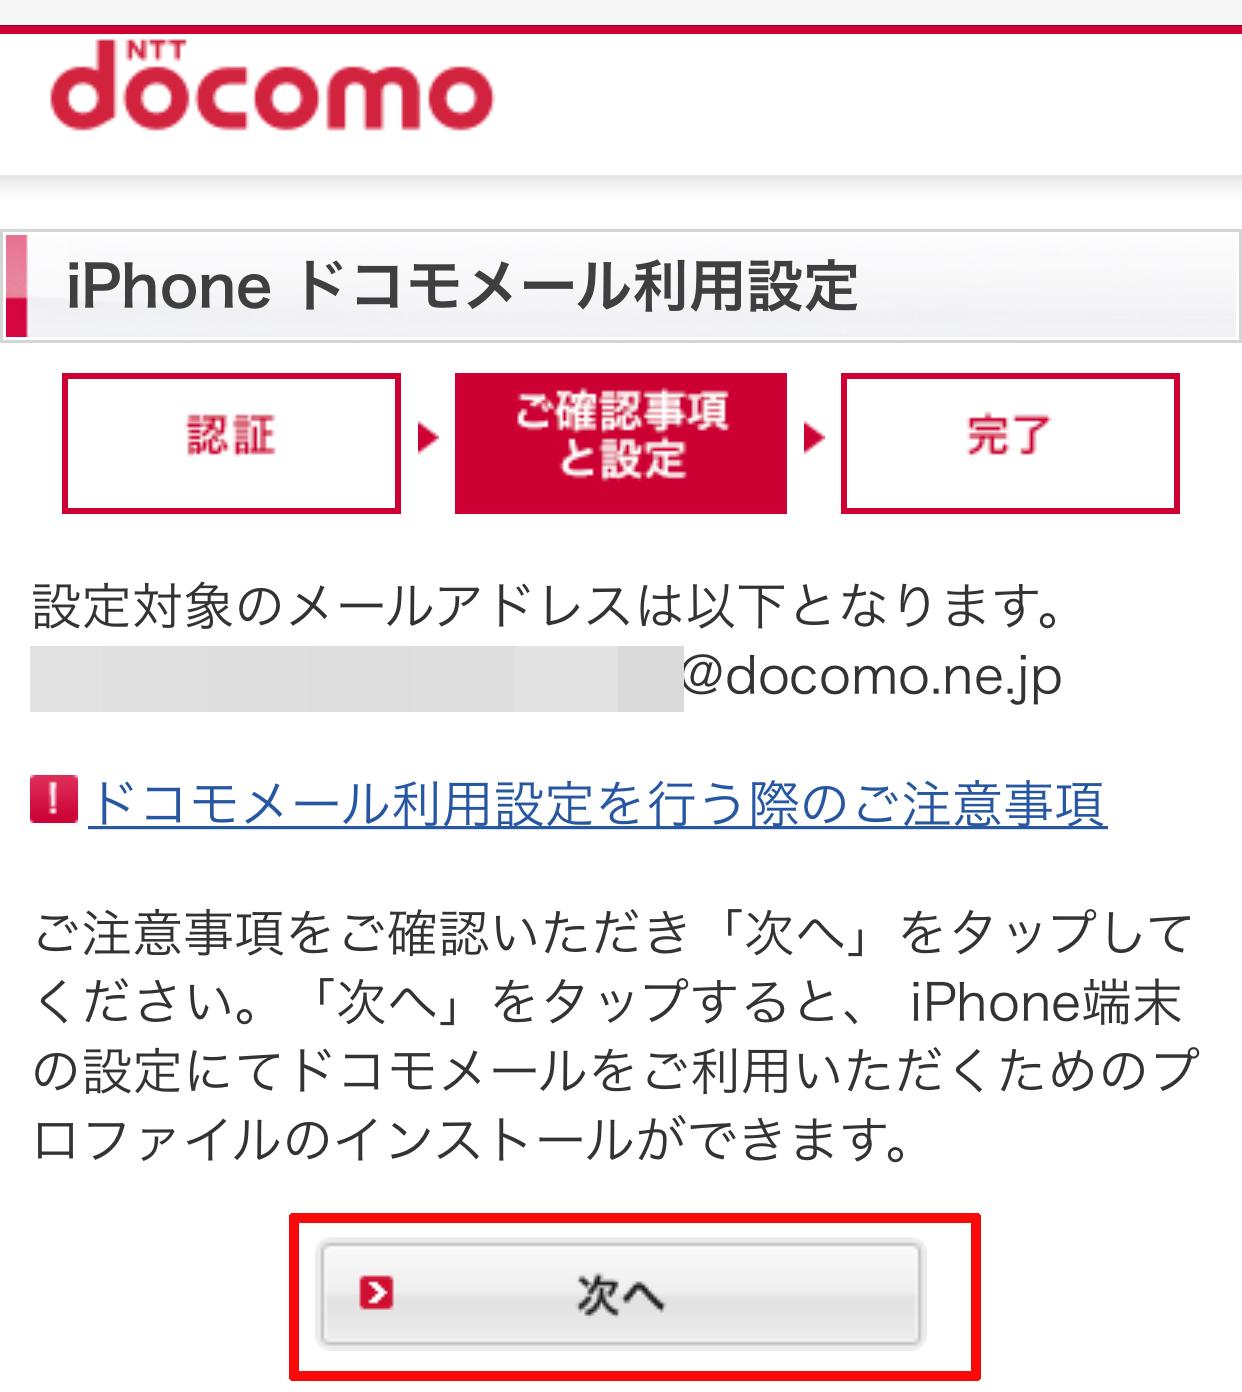 「iPhone ドコモメール利用設定」というページが表示されますので、「次へ」をタップします。